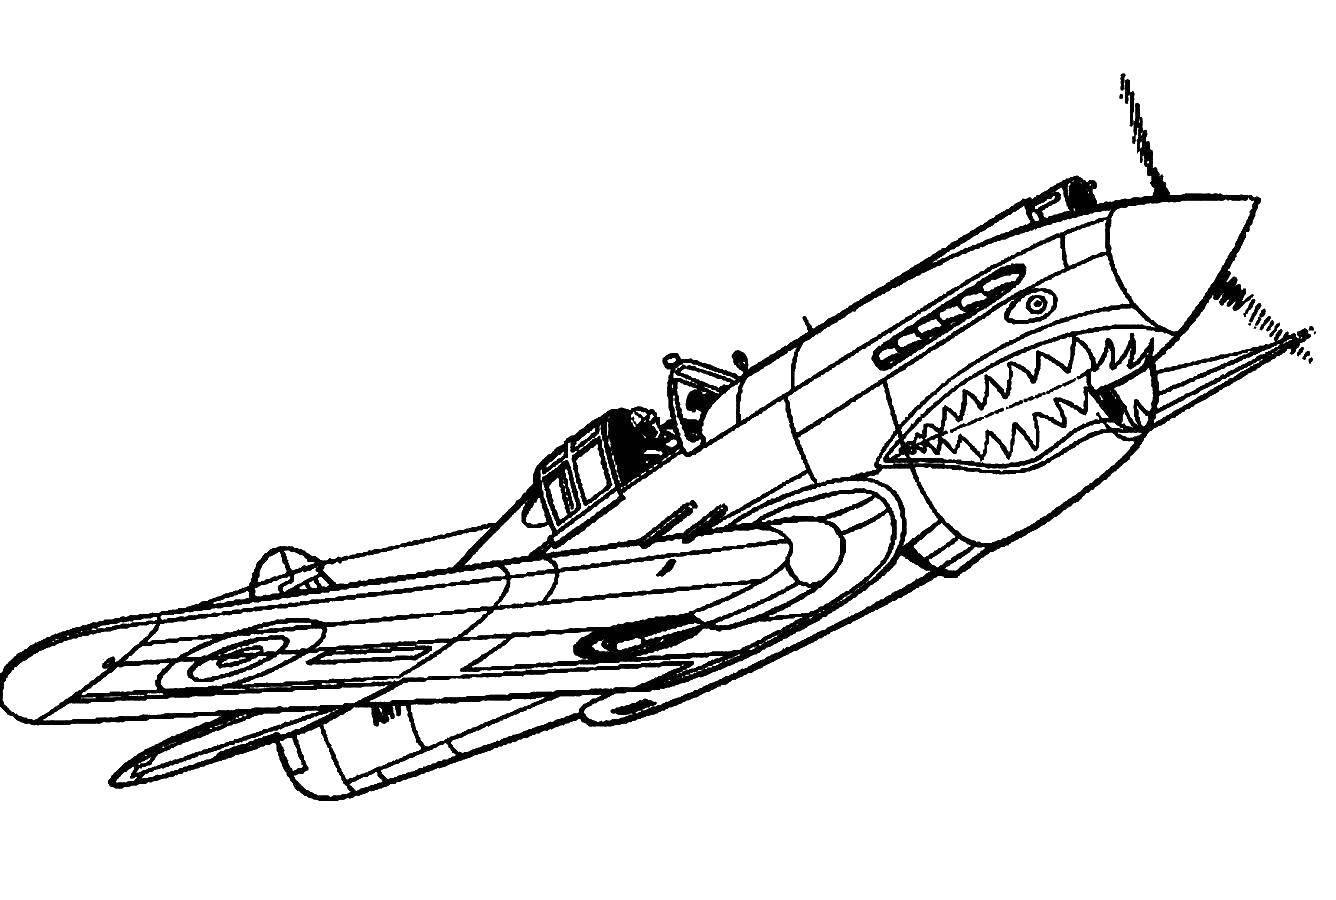 Название: Раскраска Самолётик со злобным ртом. Категория: Самолеты. Теги: Самолёт.